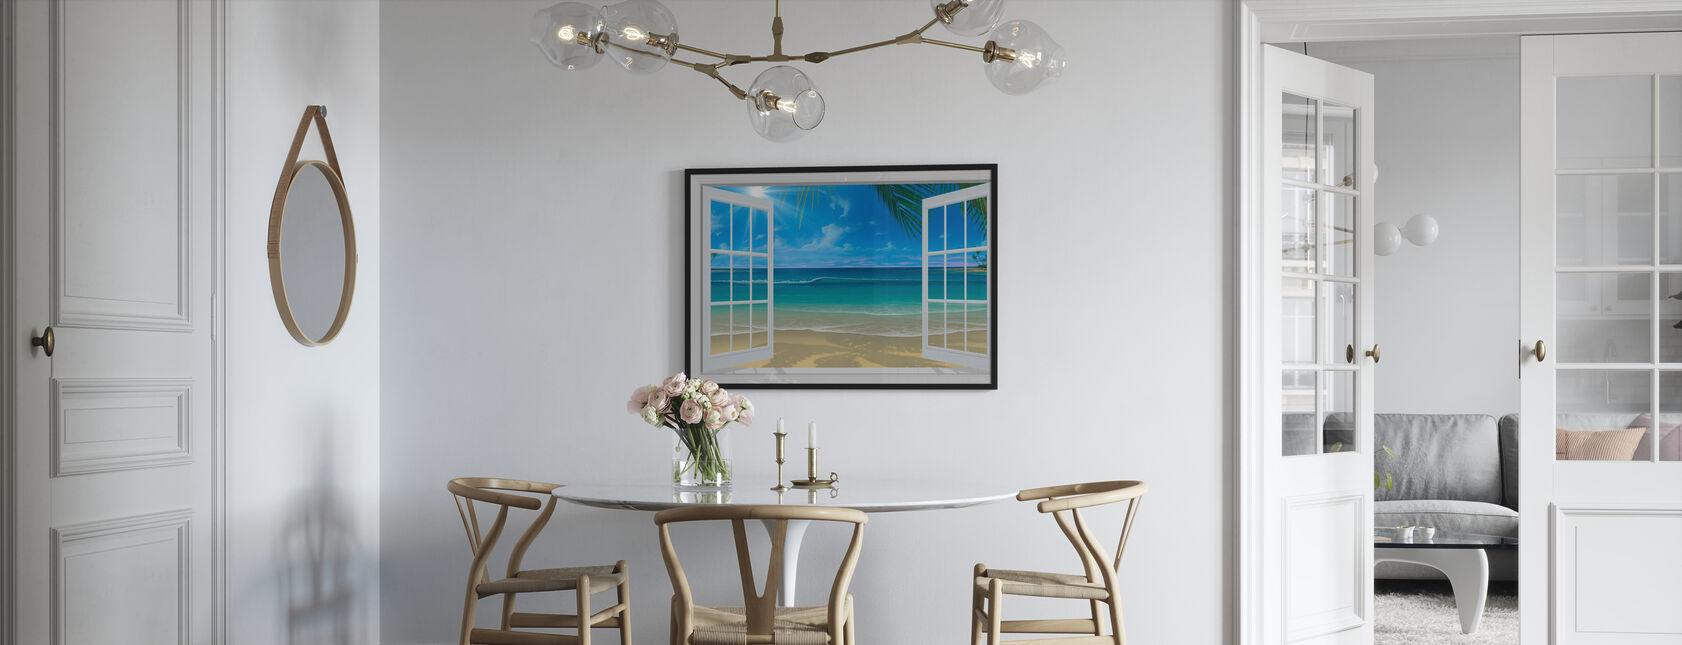 Sunshine Through Window - Framed print - Kitchen